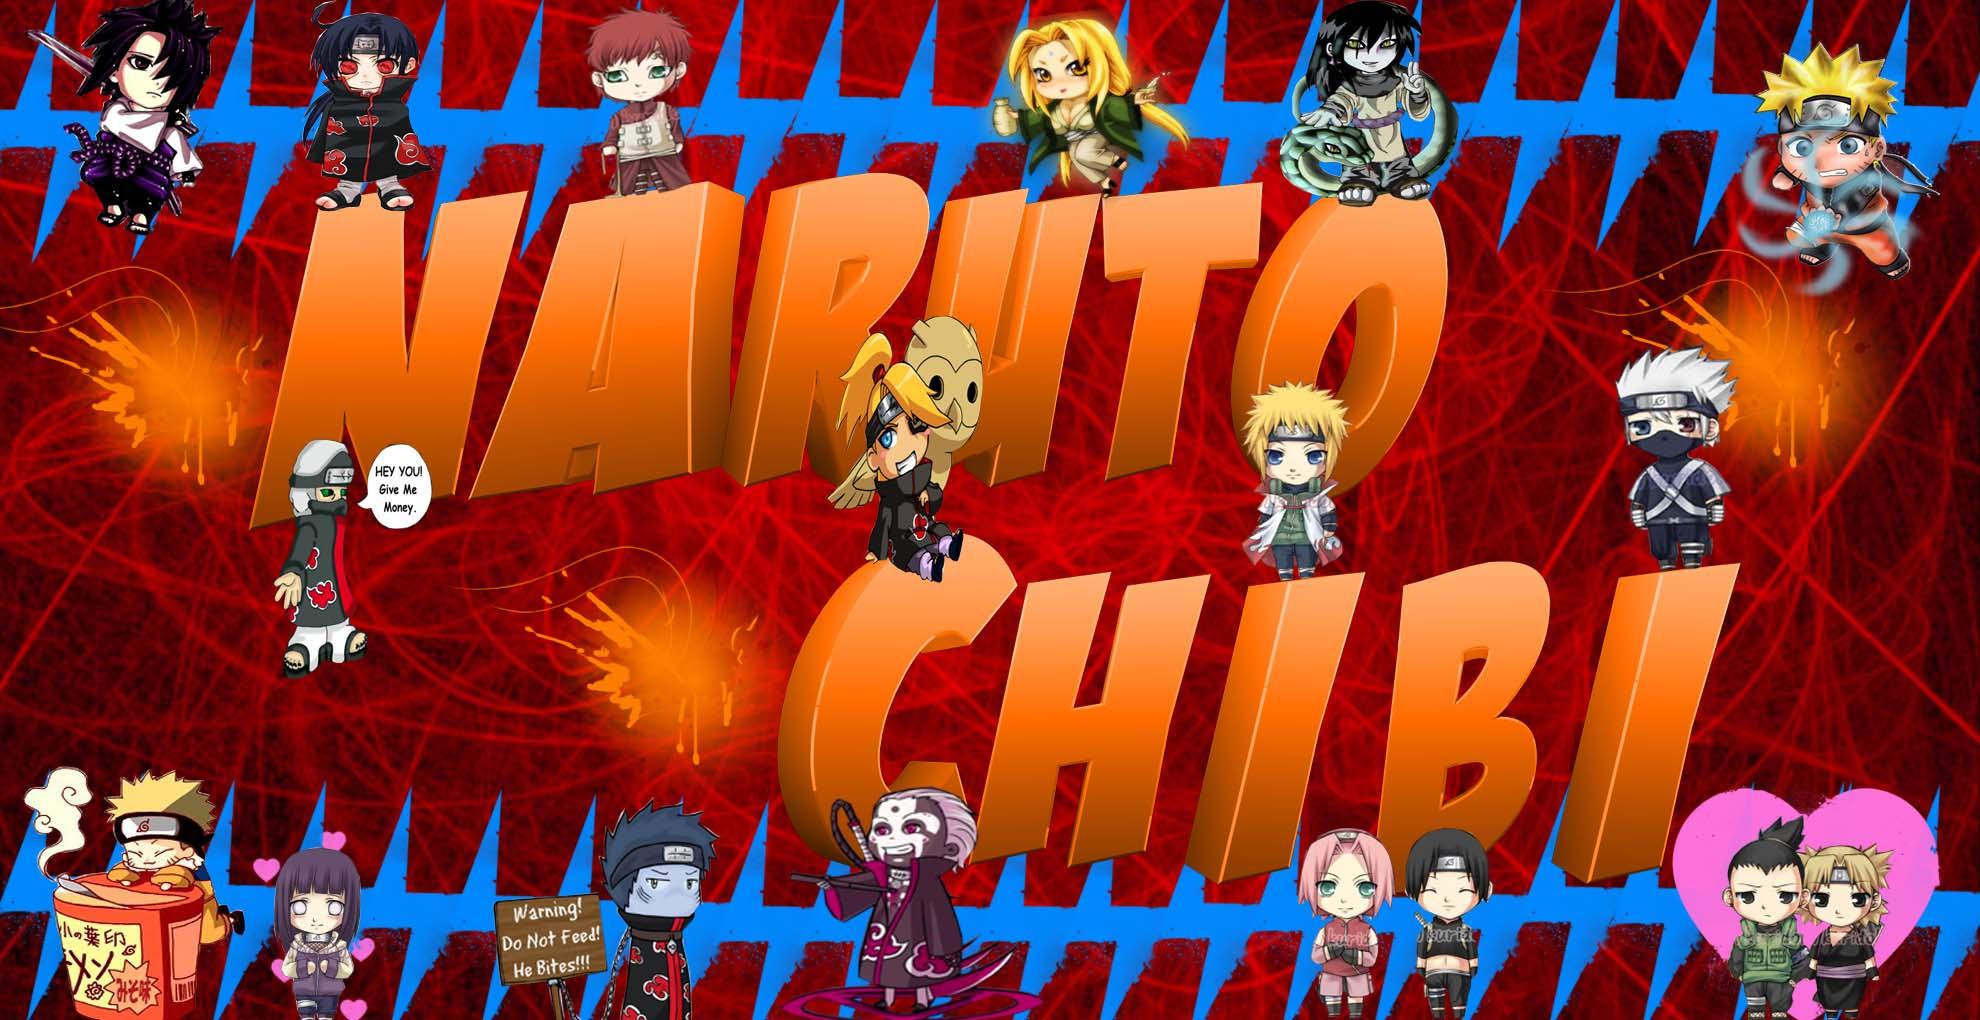 Naruto Chibi Wallpapers Wallpaper Cave